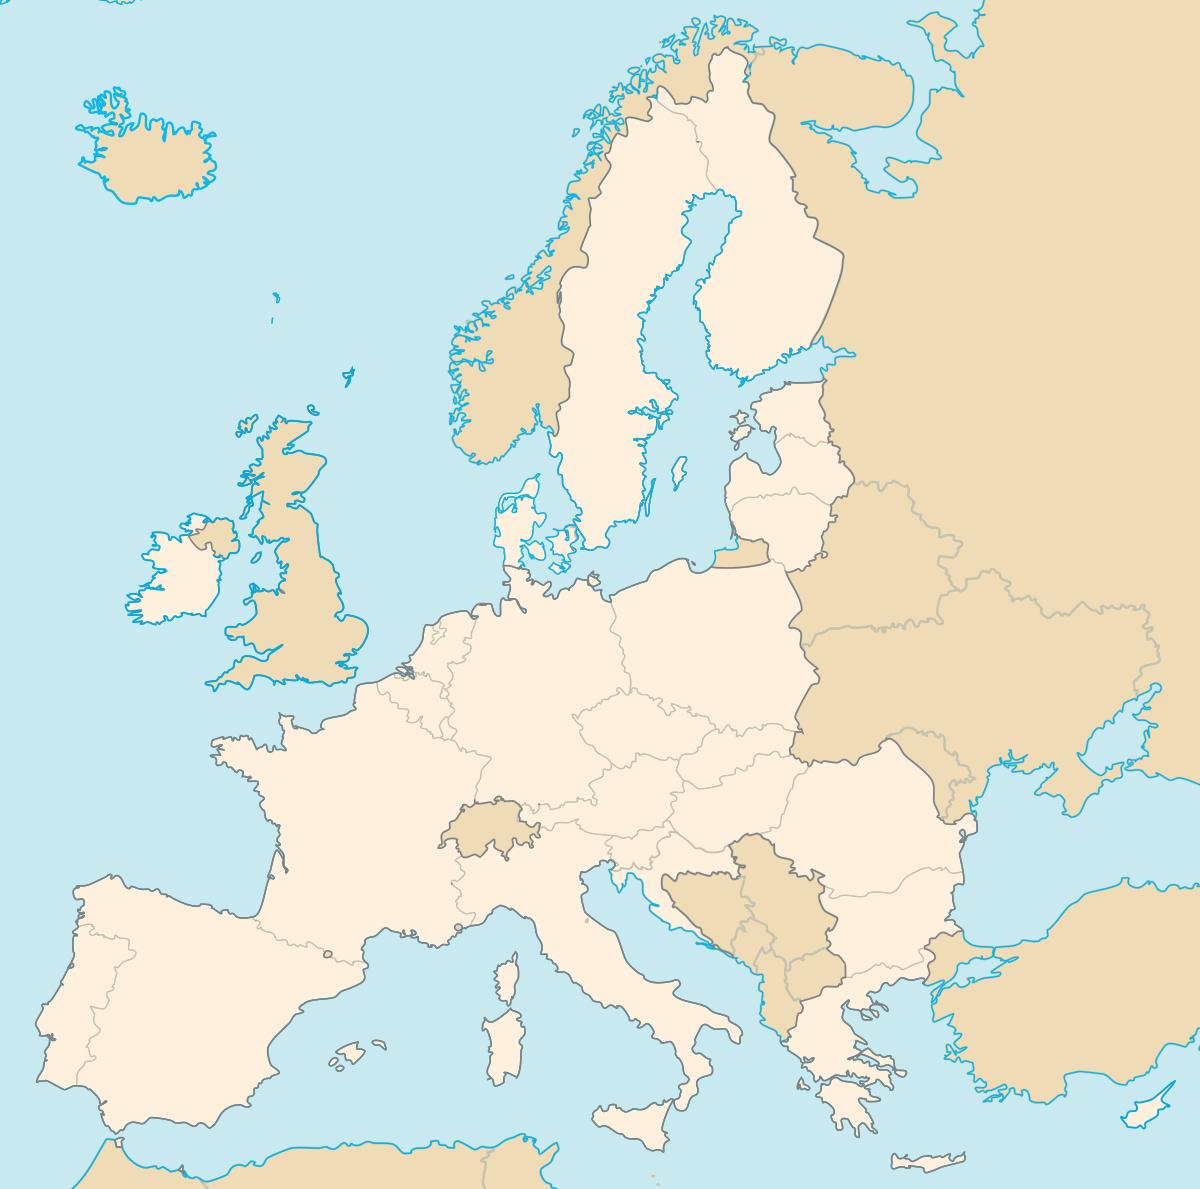 États Membres De L'union Européenne — Wikipédia destiné Nom Des Pays De L Union Européenne